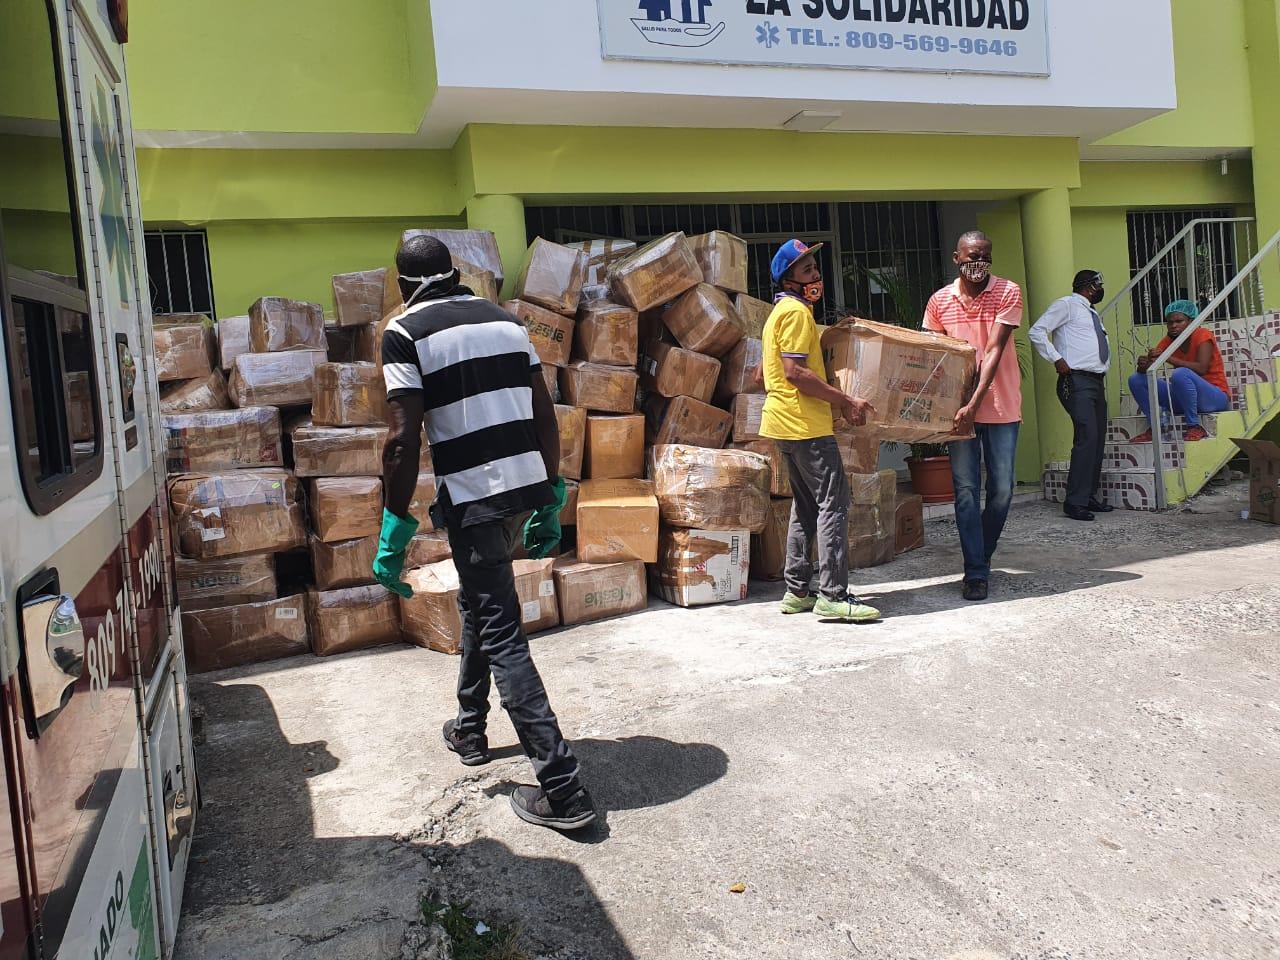 Distribuimos en Haití 2,900 kits de higiene y prevención para frenar la propagación del COVID-19